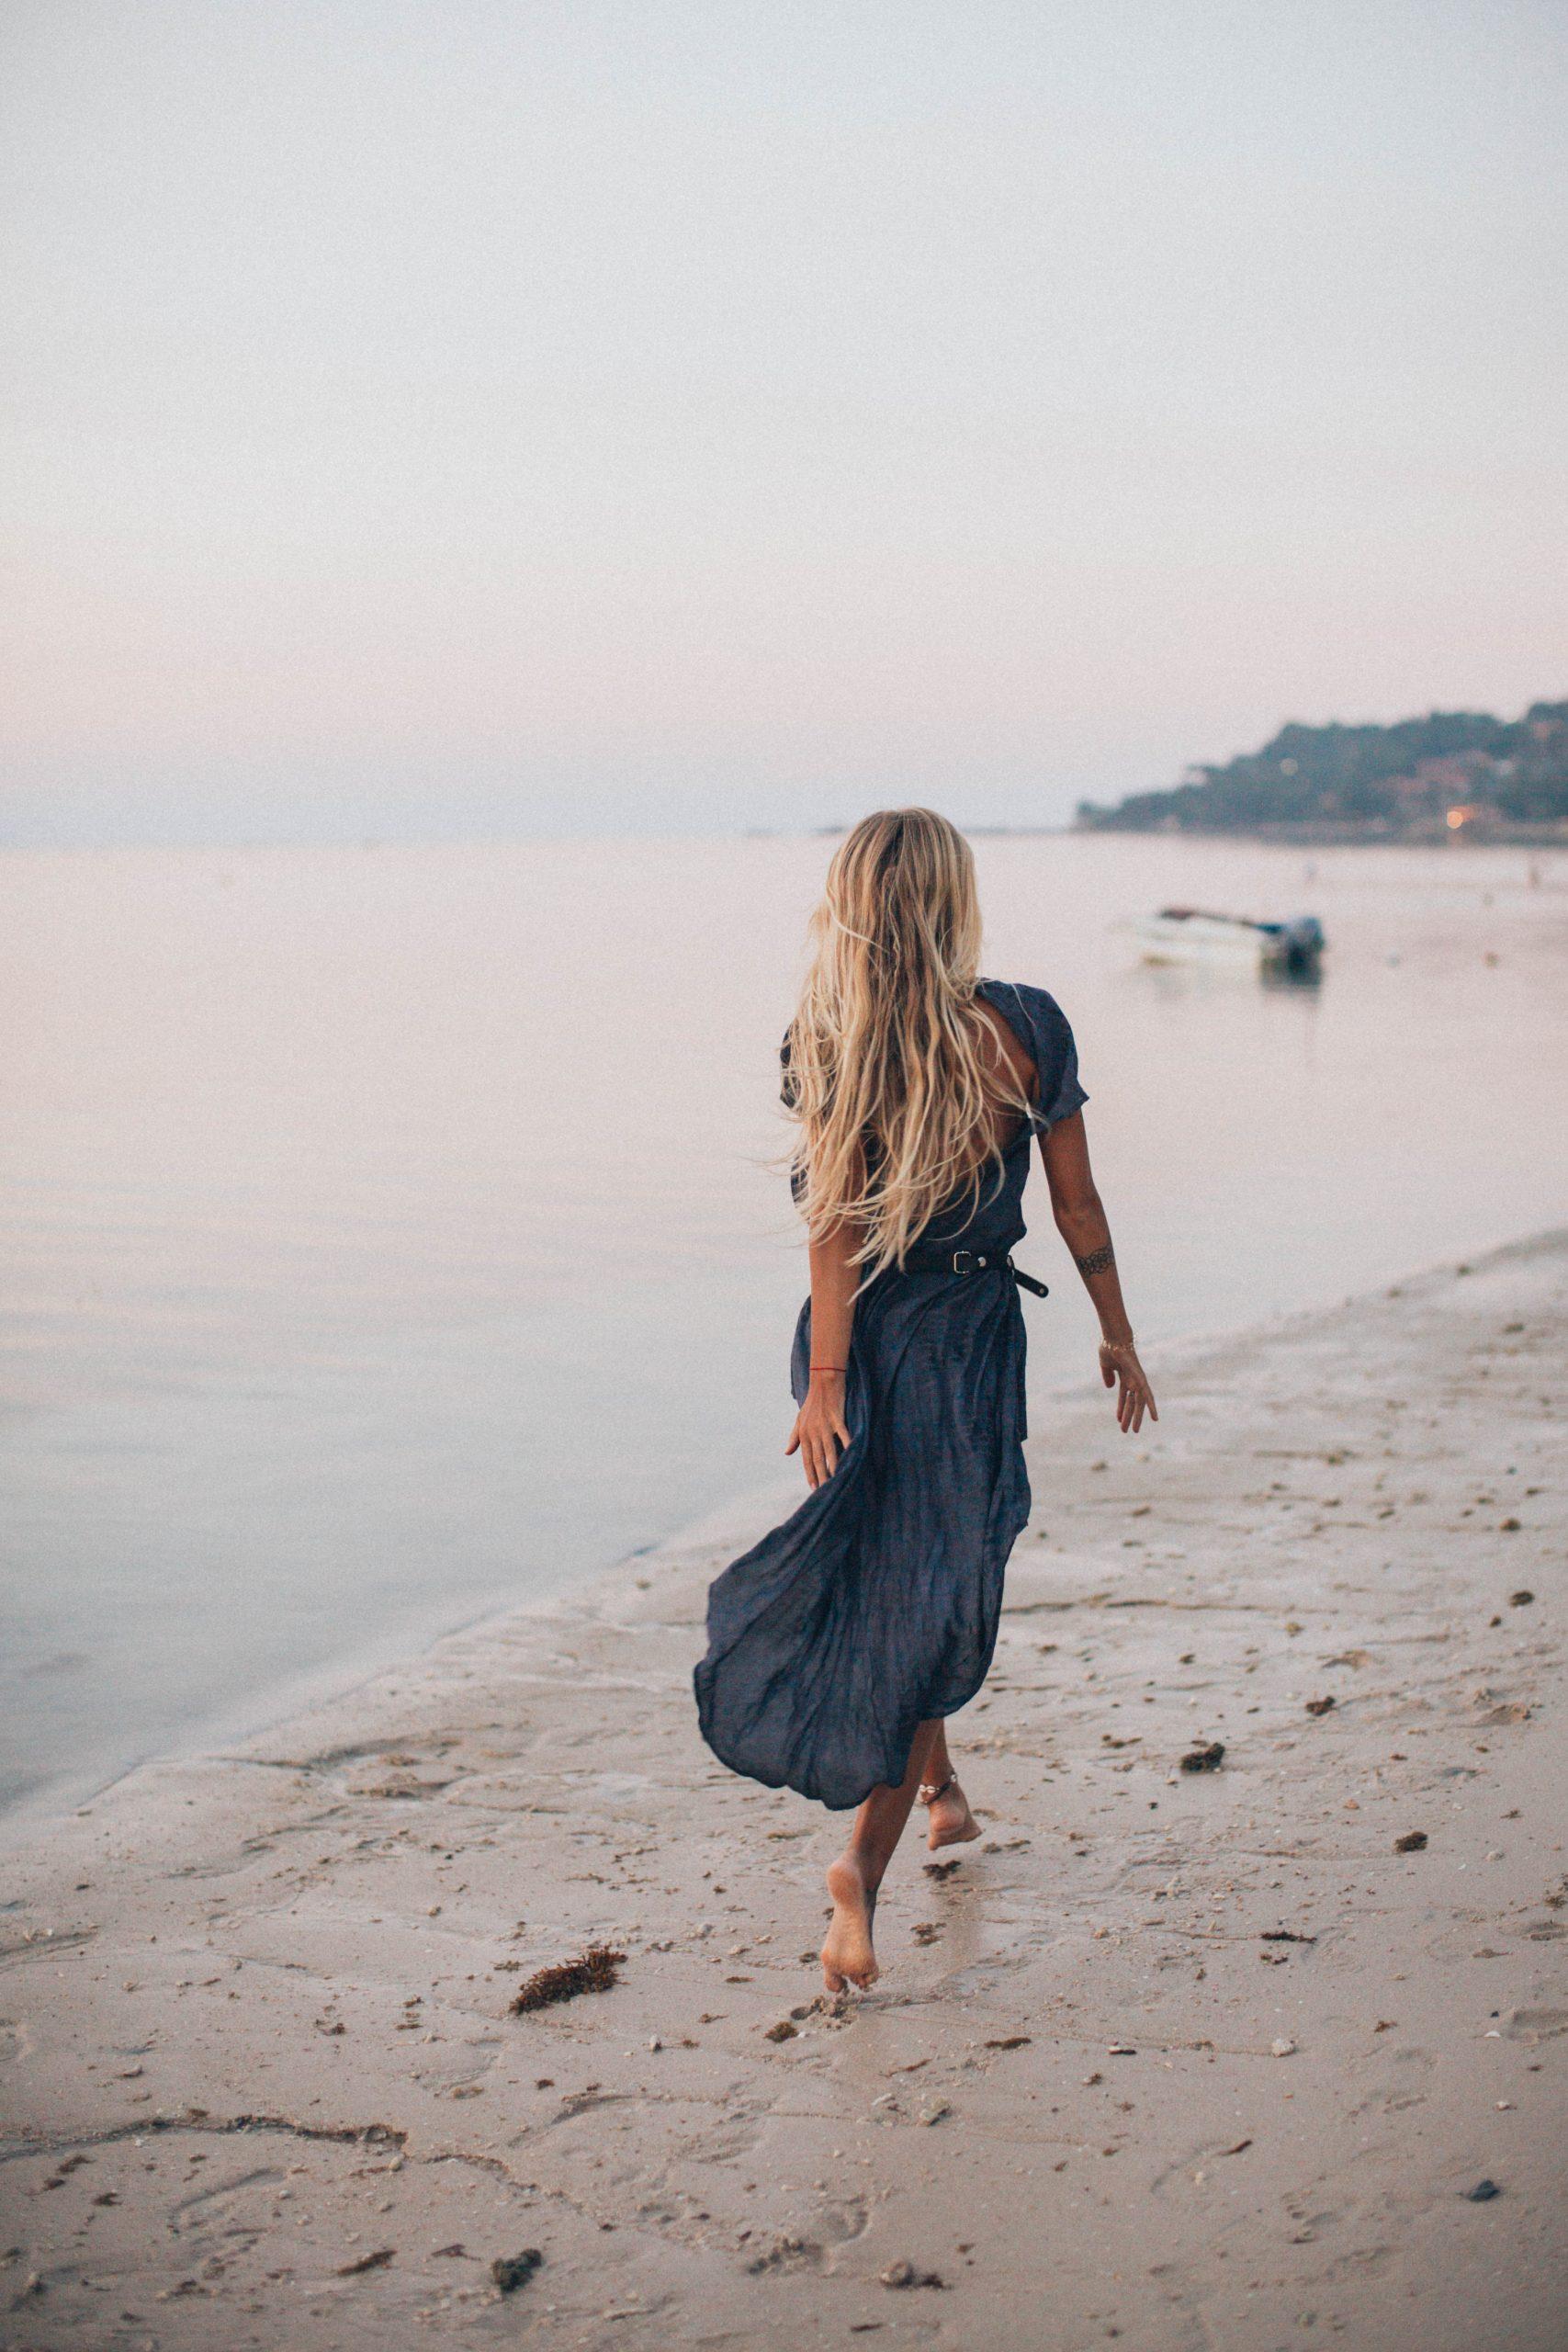 Woman wearing a dress in a beach